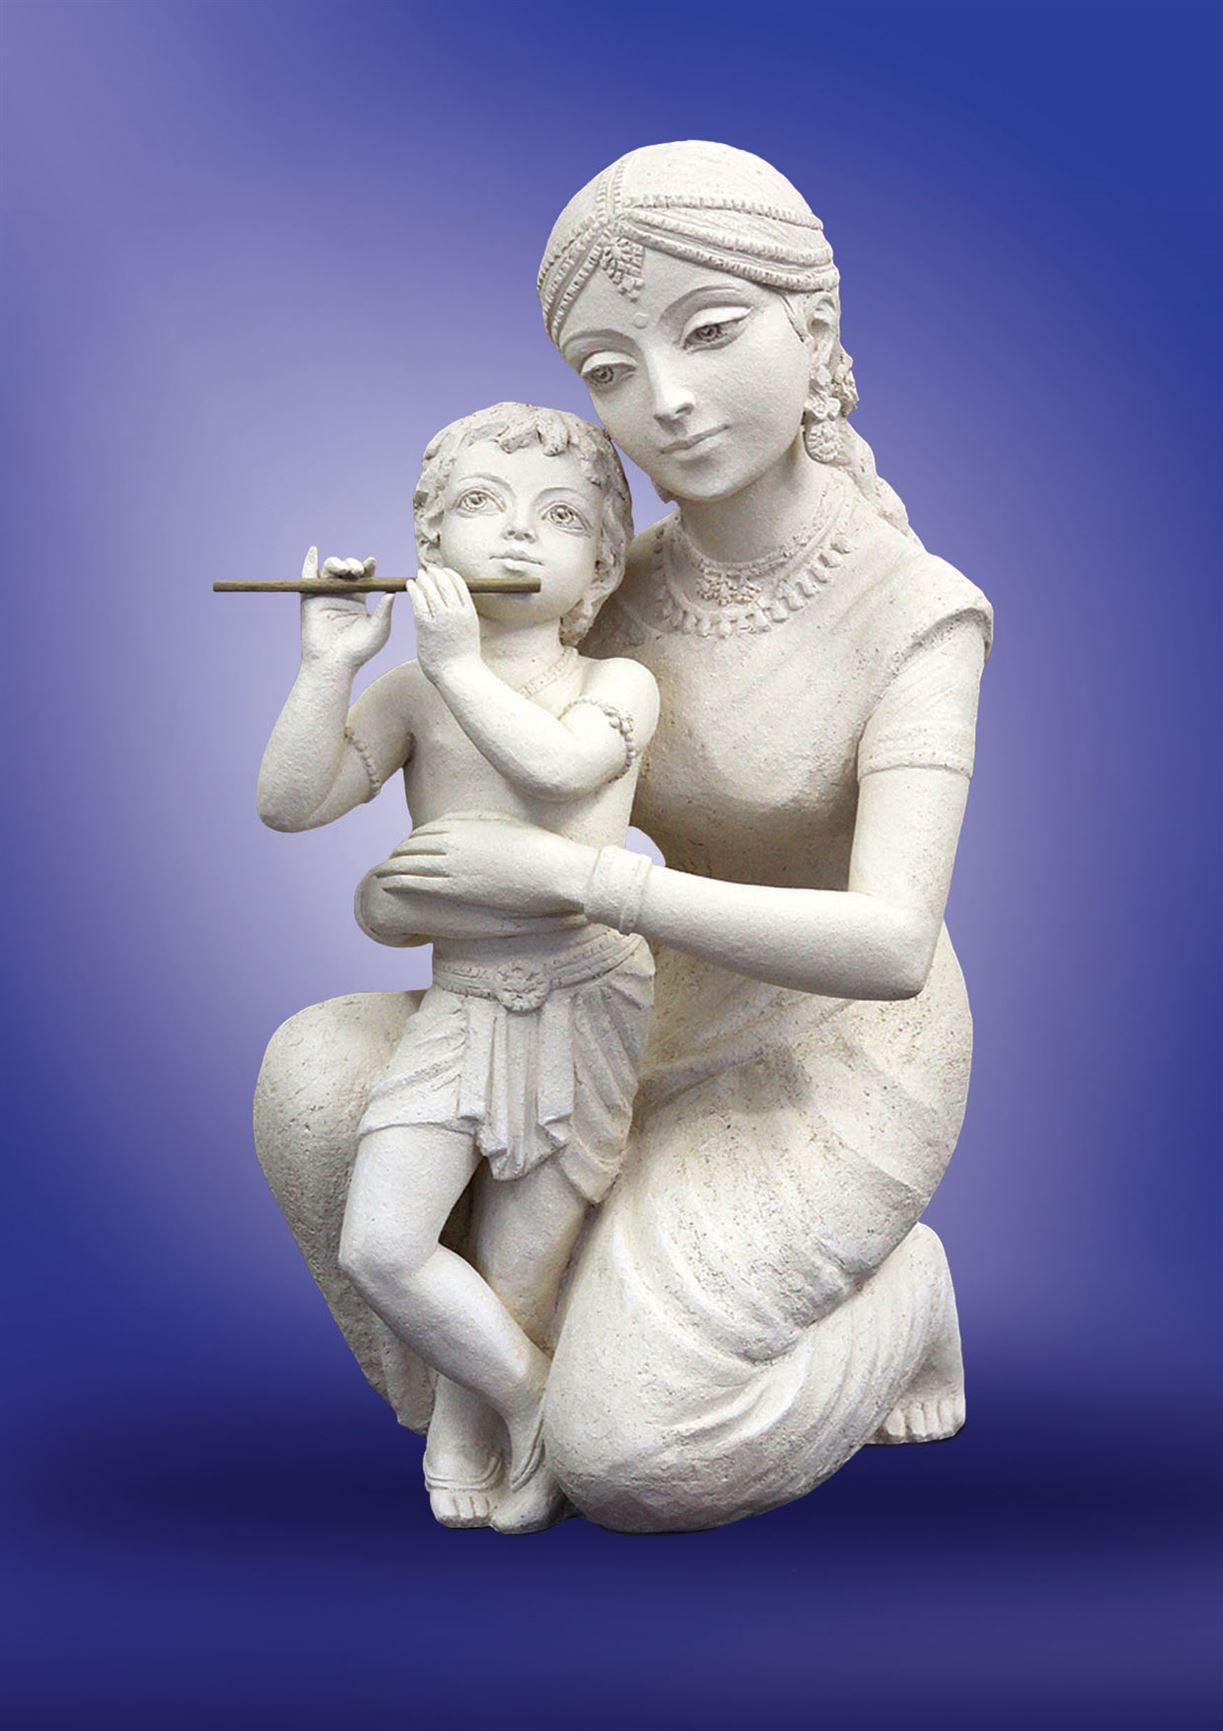 продажа скульптур